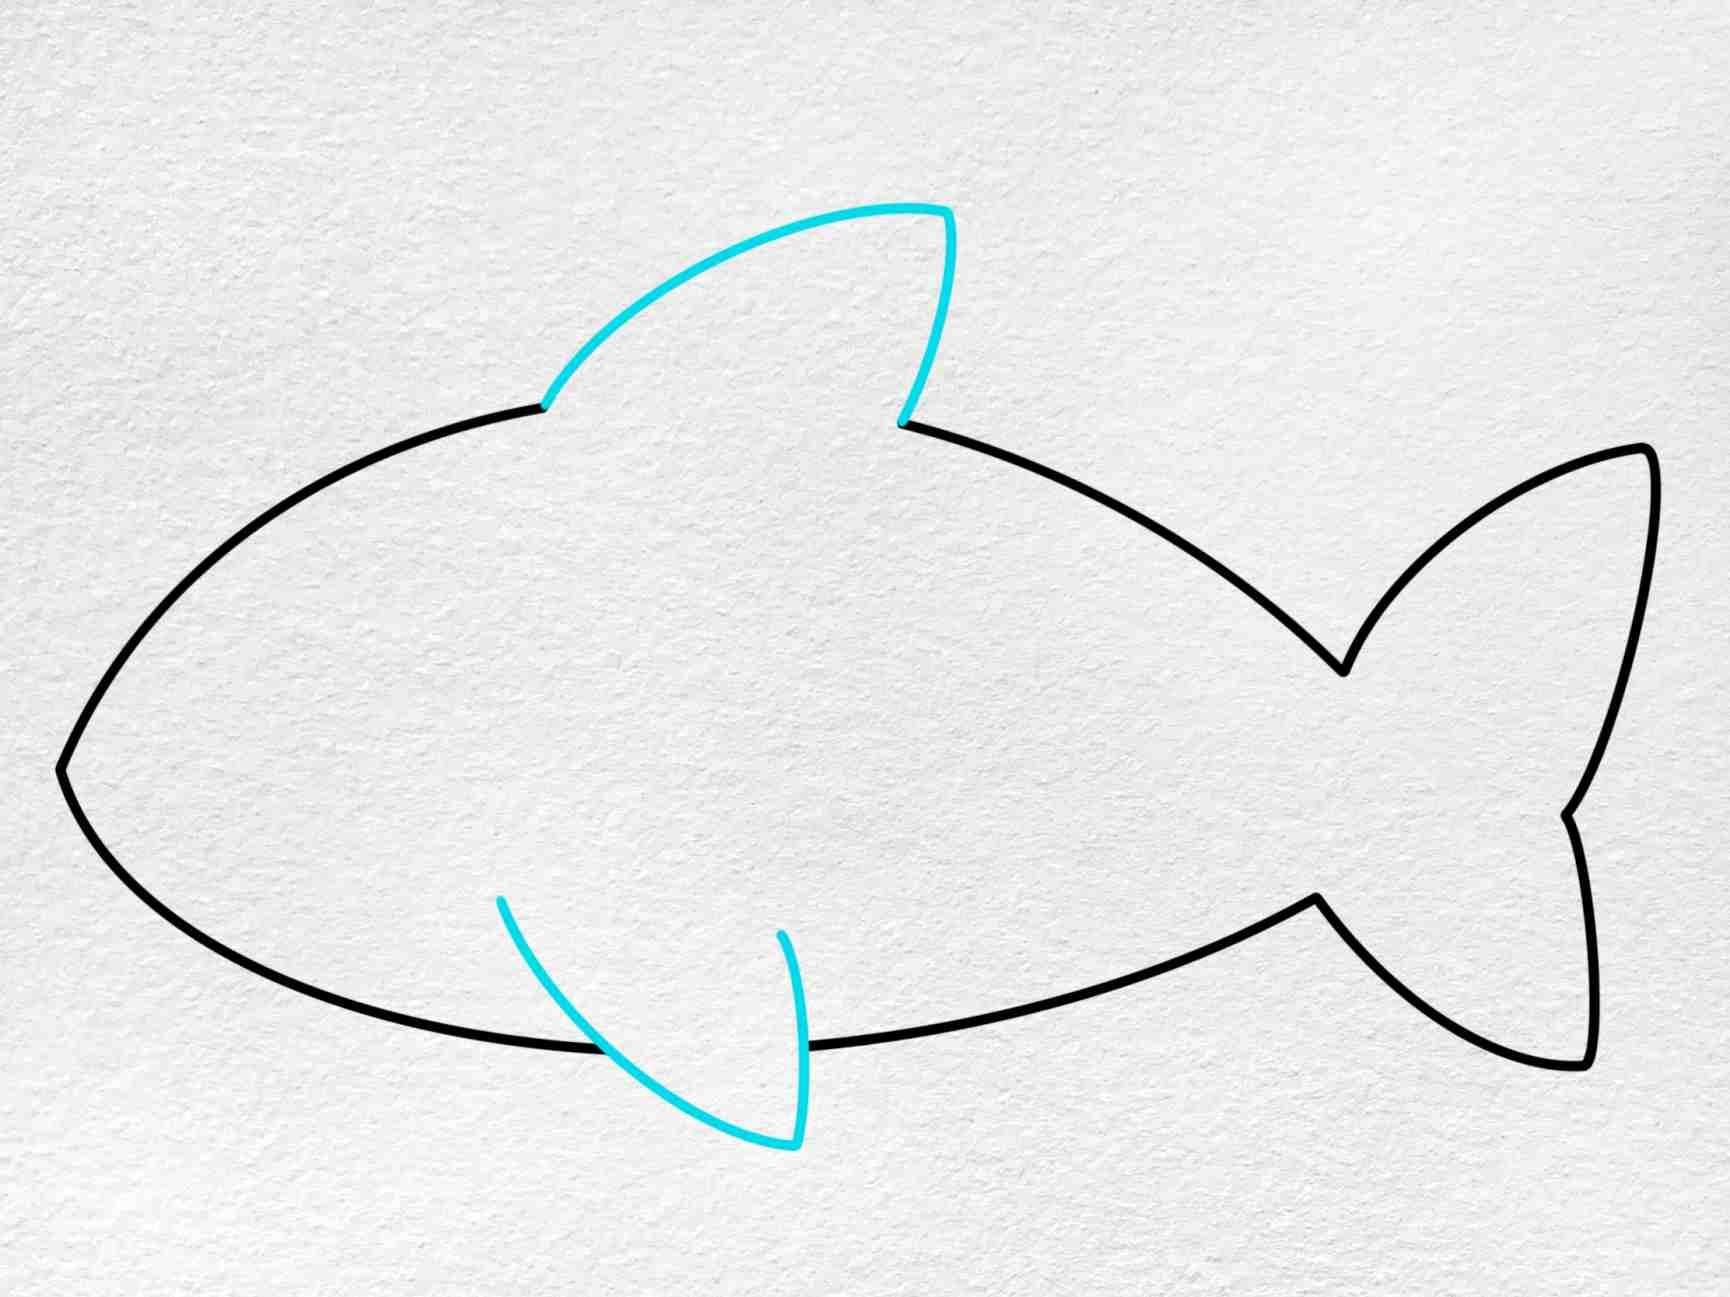 Cute Shark Drawing: Step 4